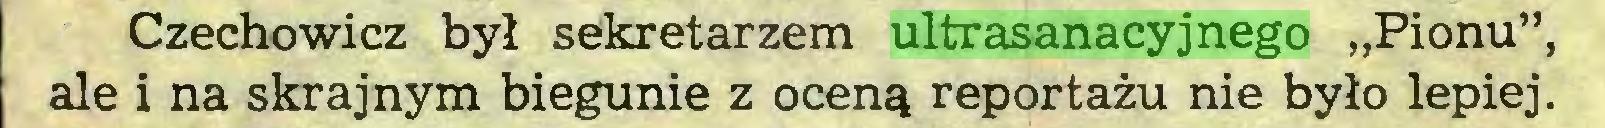 """(...) Czechowicz był sekretarzem ultrasanacyjnego """"Pionu"""", ale i na skrajnym biegunie z oceną reportażu nie było lepiej..."""